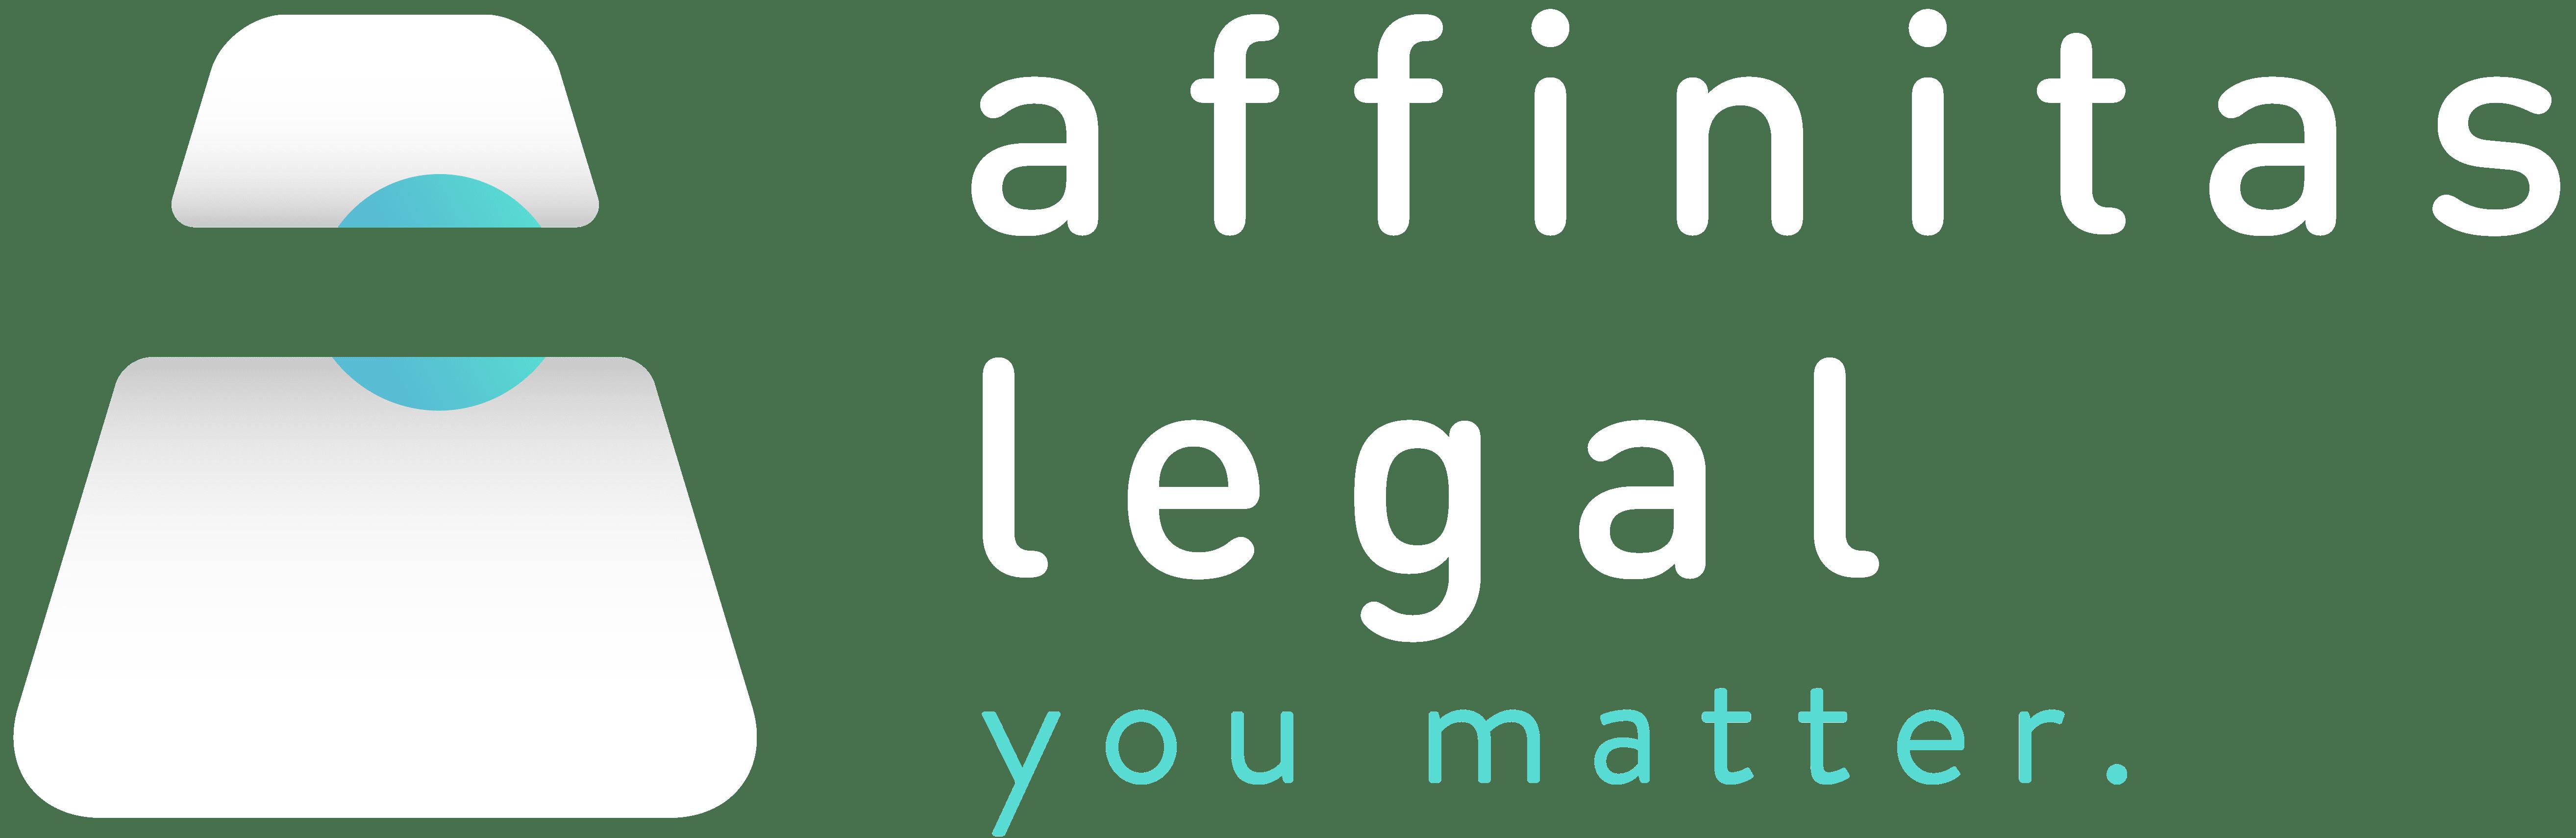 Affinitas Legal logo